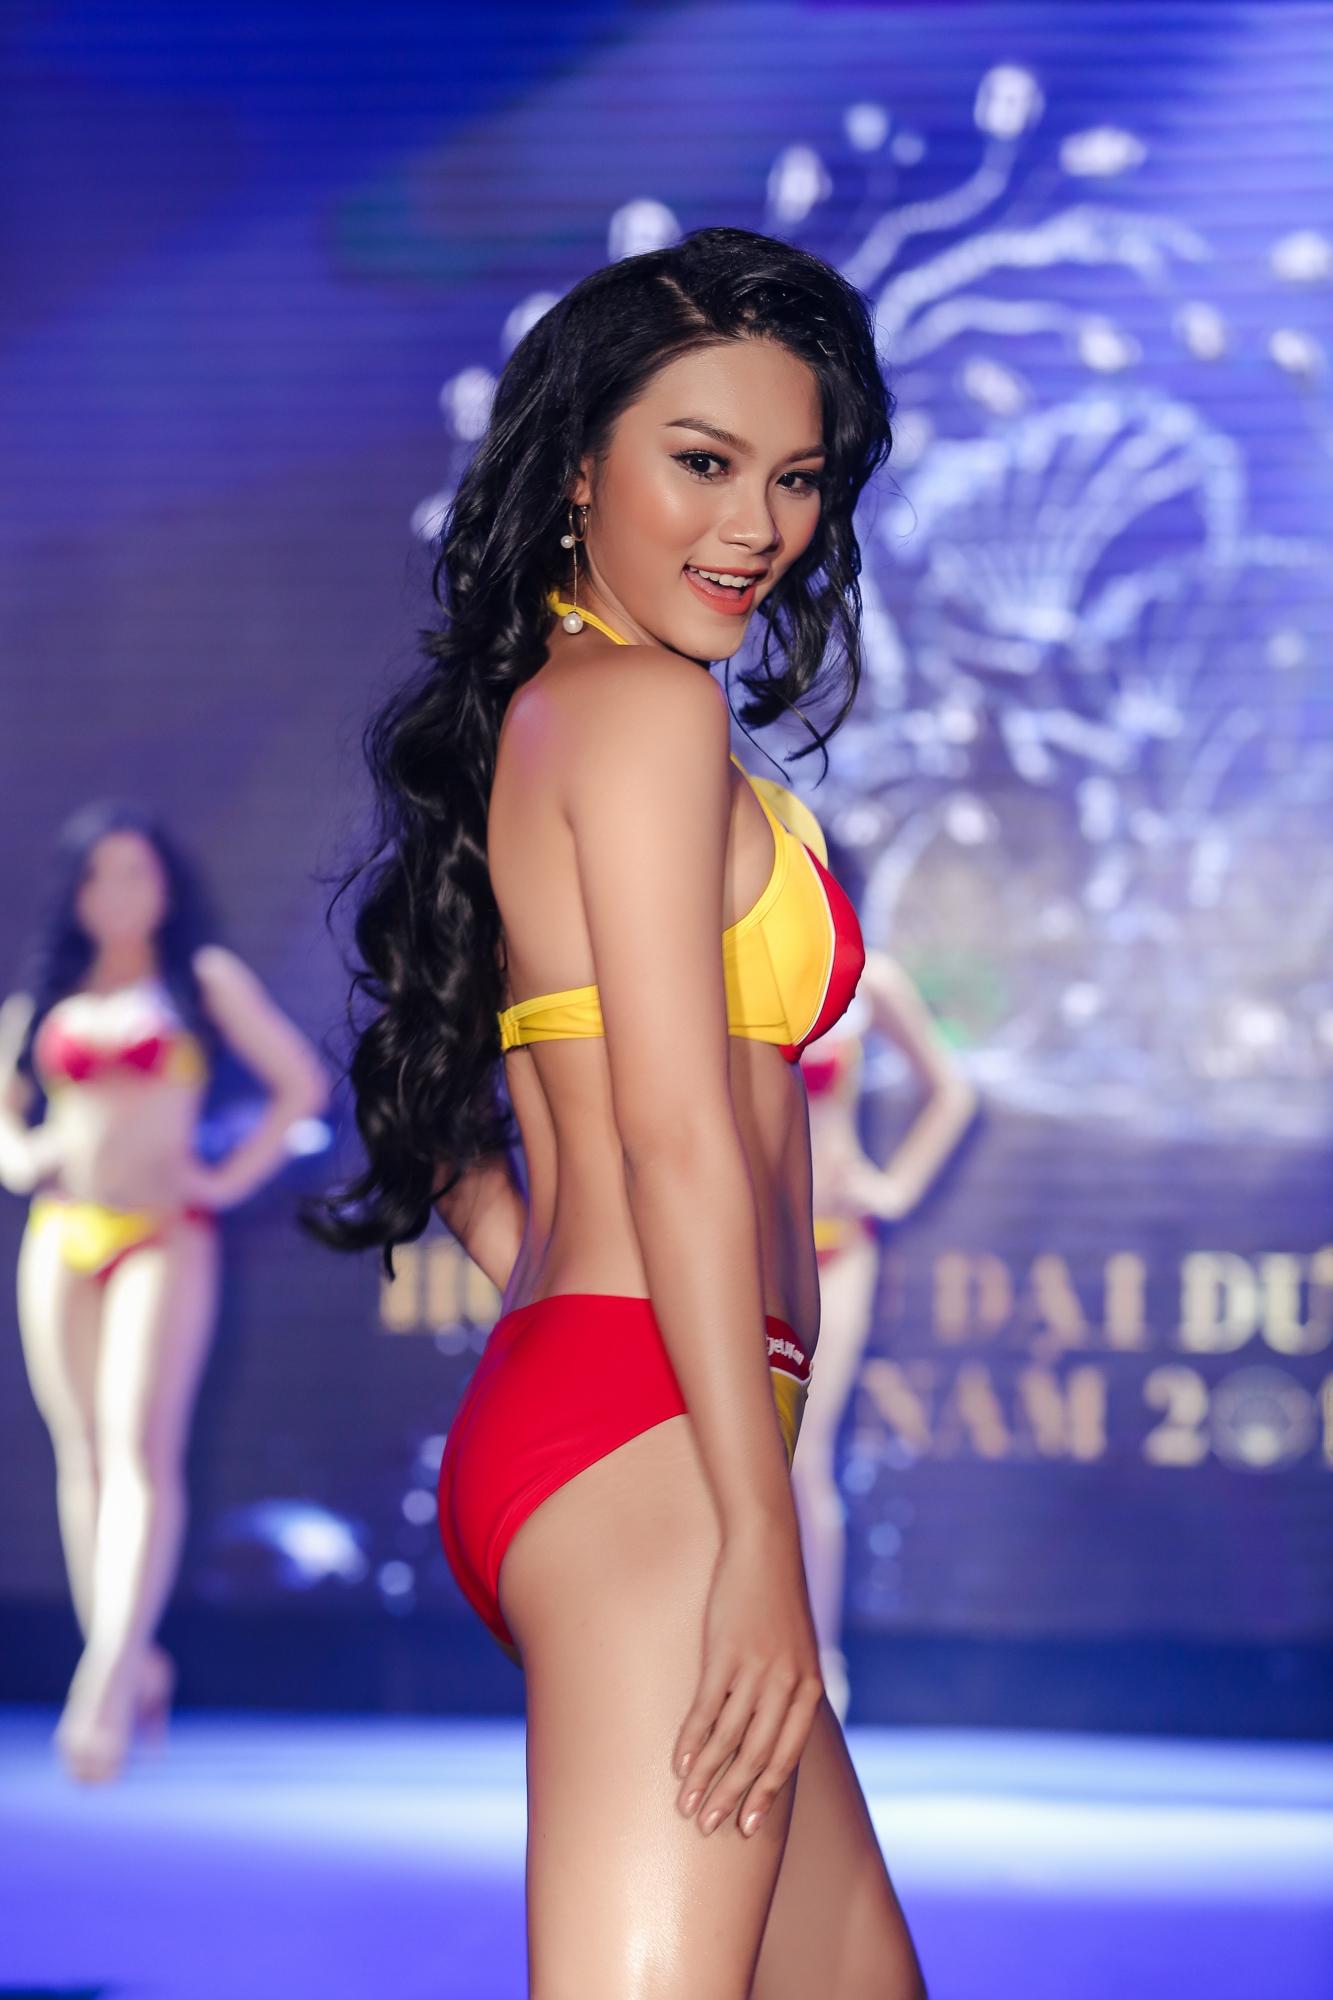 Thời Trang: Top 34 thí sinh Hoa hậu Đại dương nóng bỏng với trang phục bikini